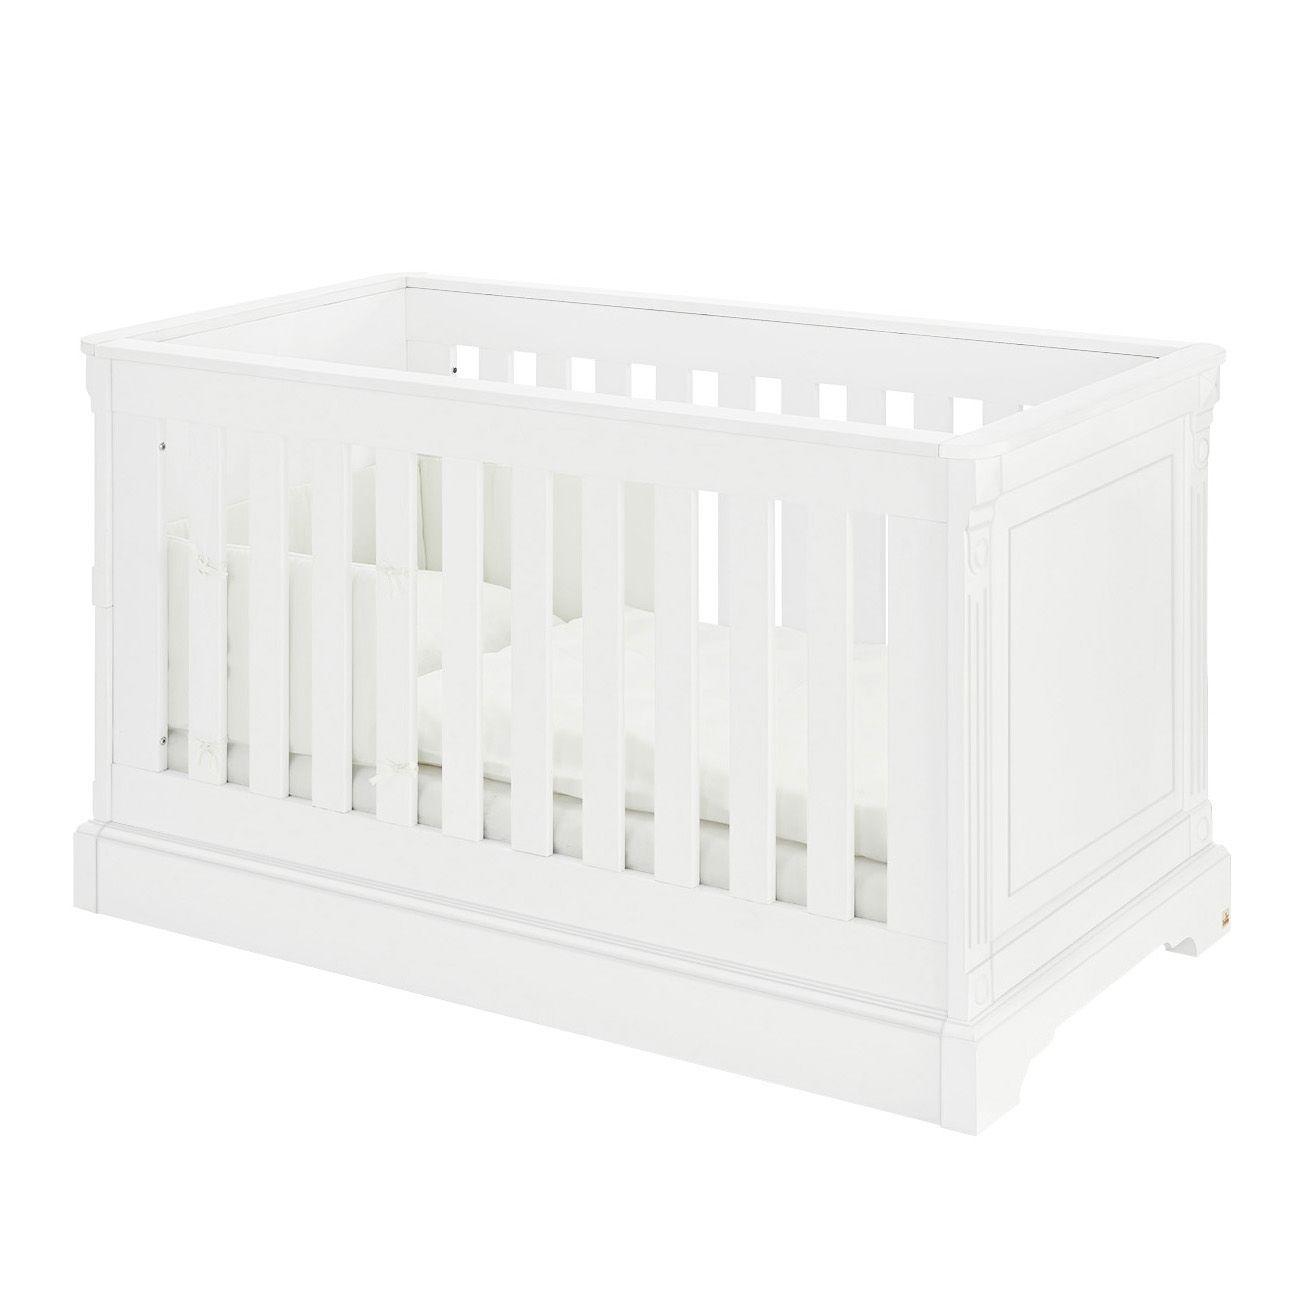 Babybett Emilia Kids - Weiß, Pinolino